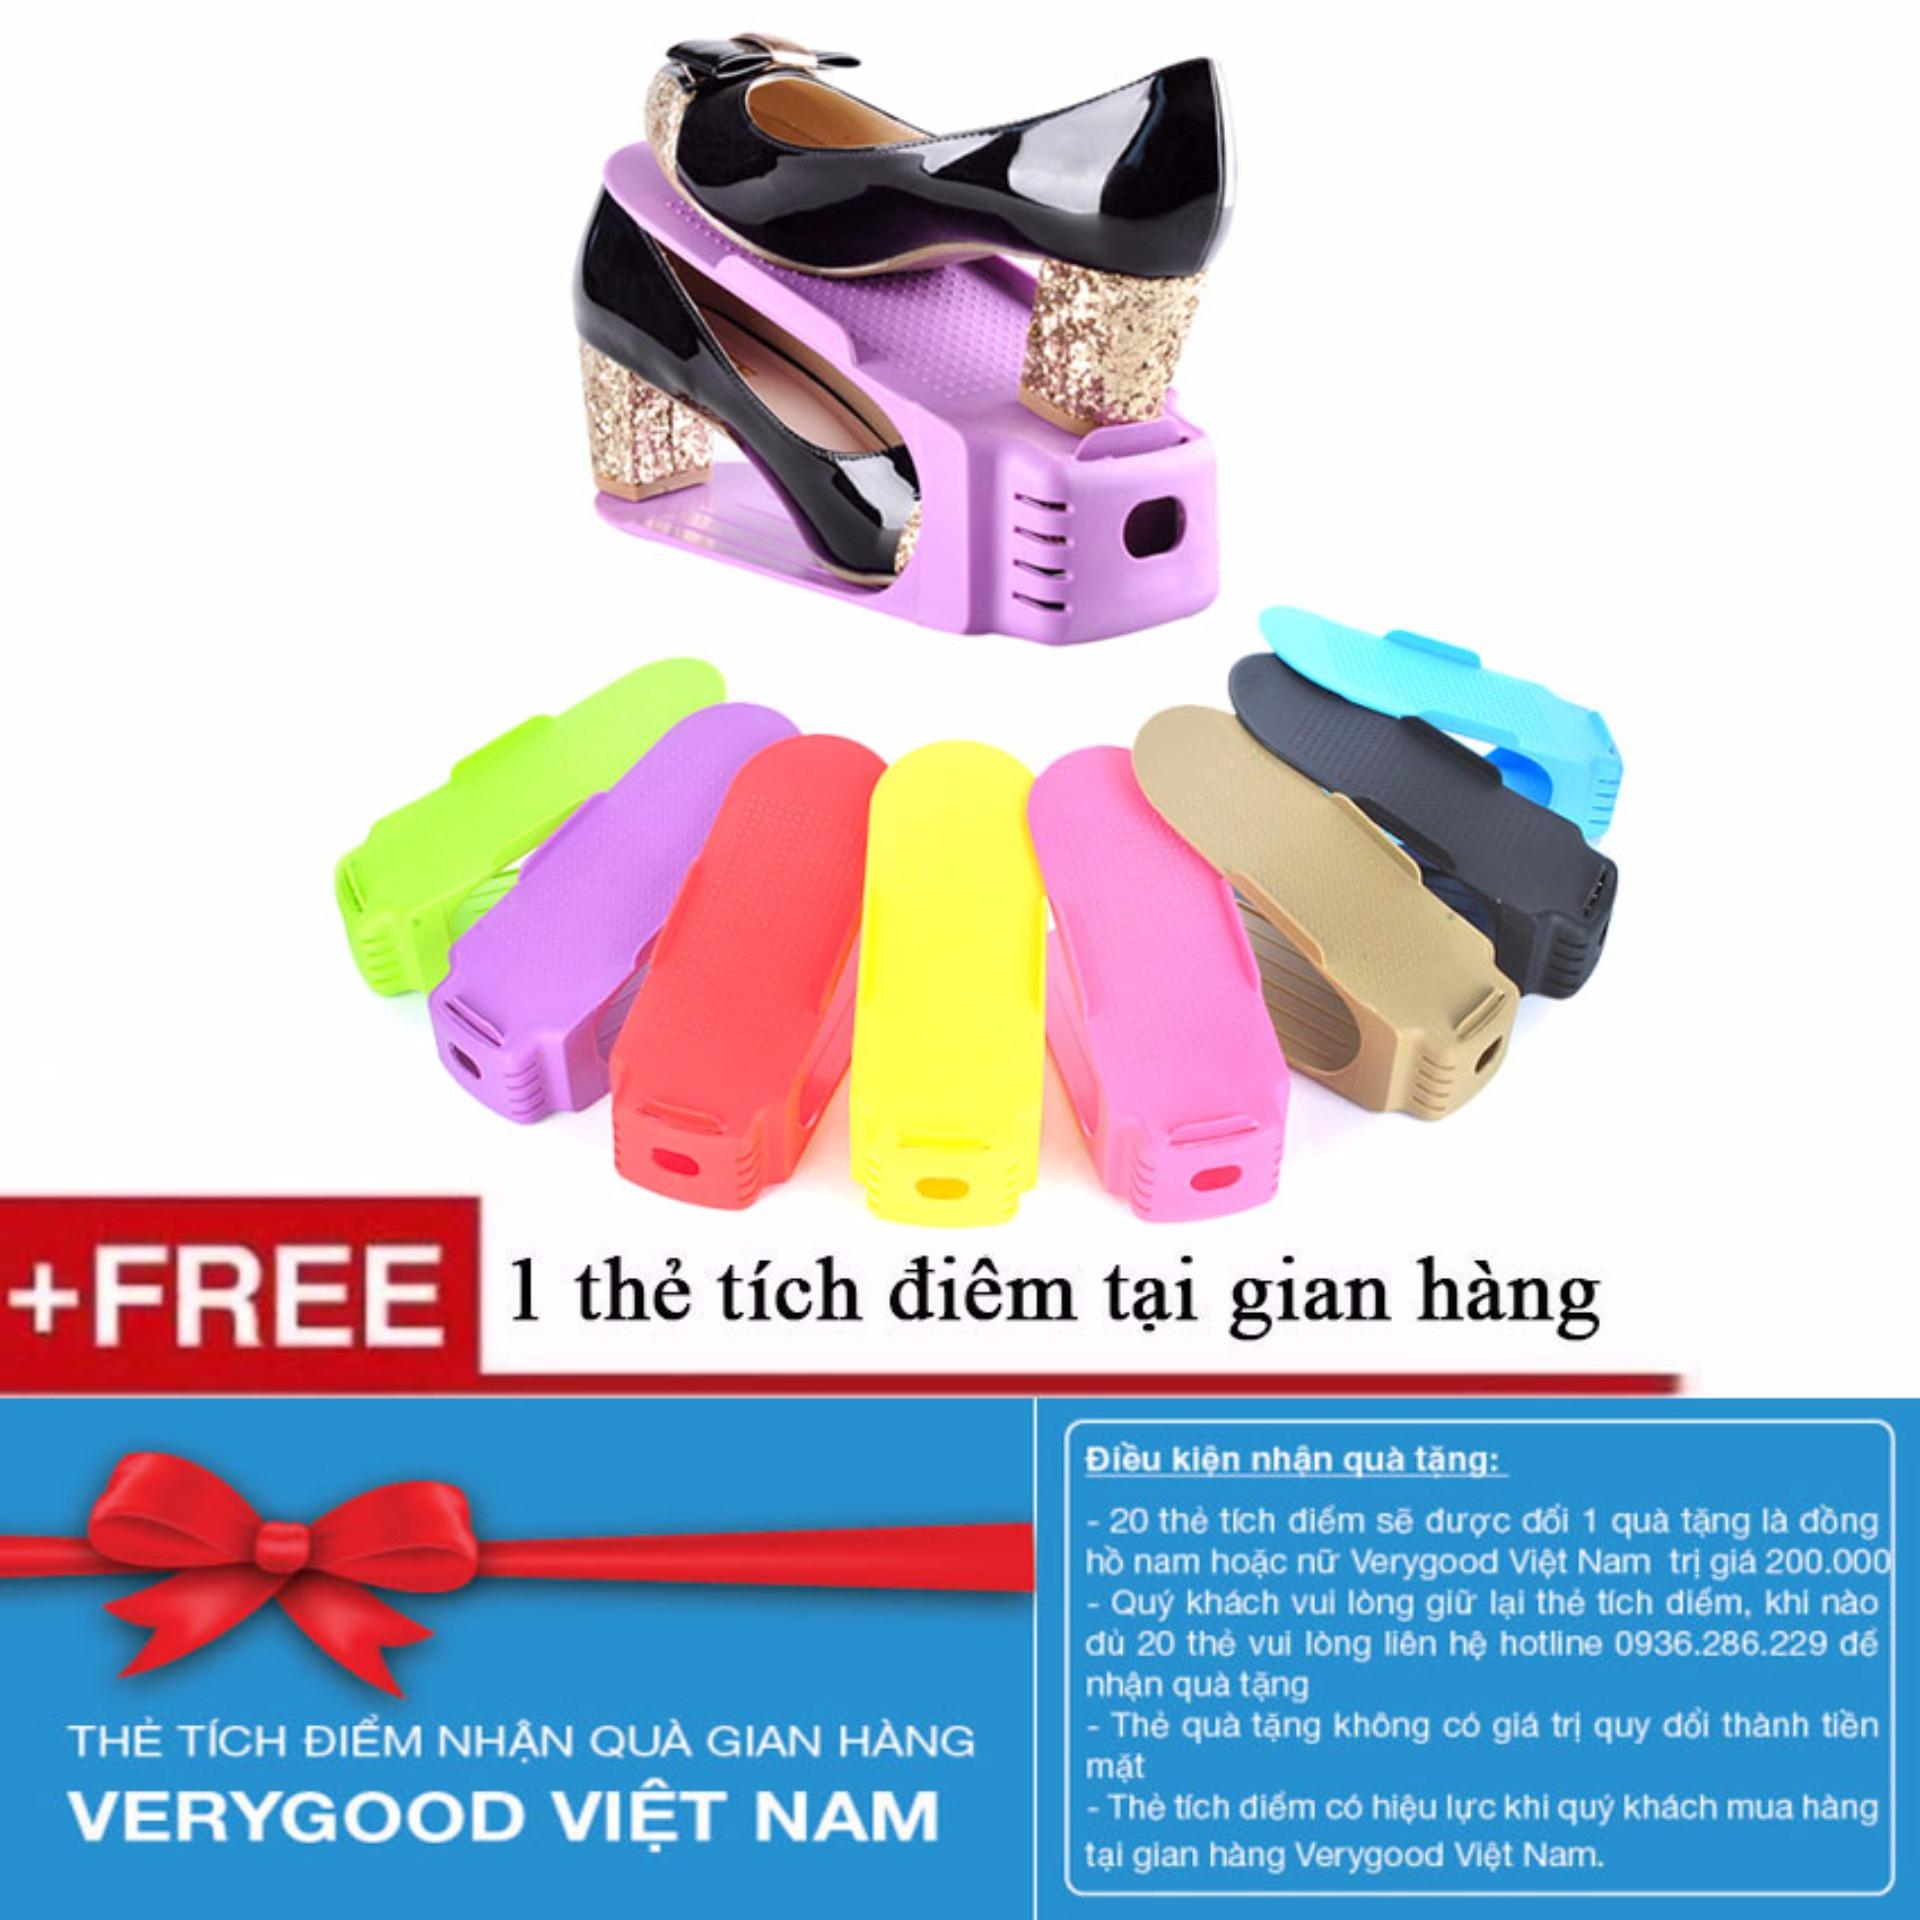 Bộ 5 kệ để giày dép thông minh + Tặng kèm 1 thẻ tích điểm Verygood